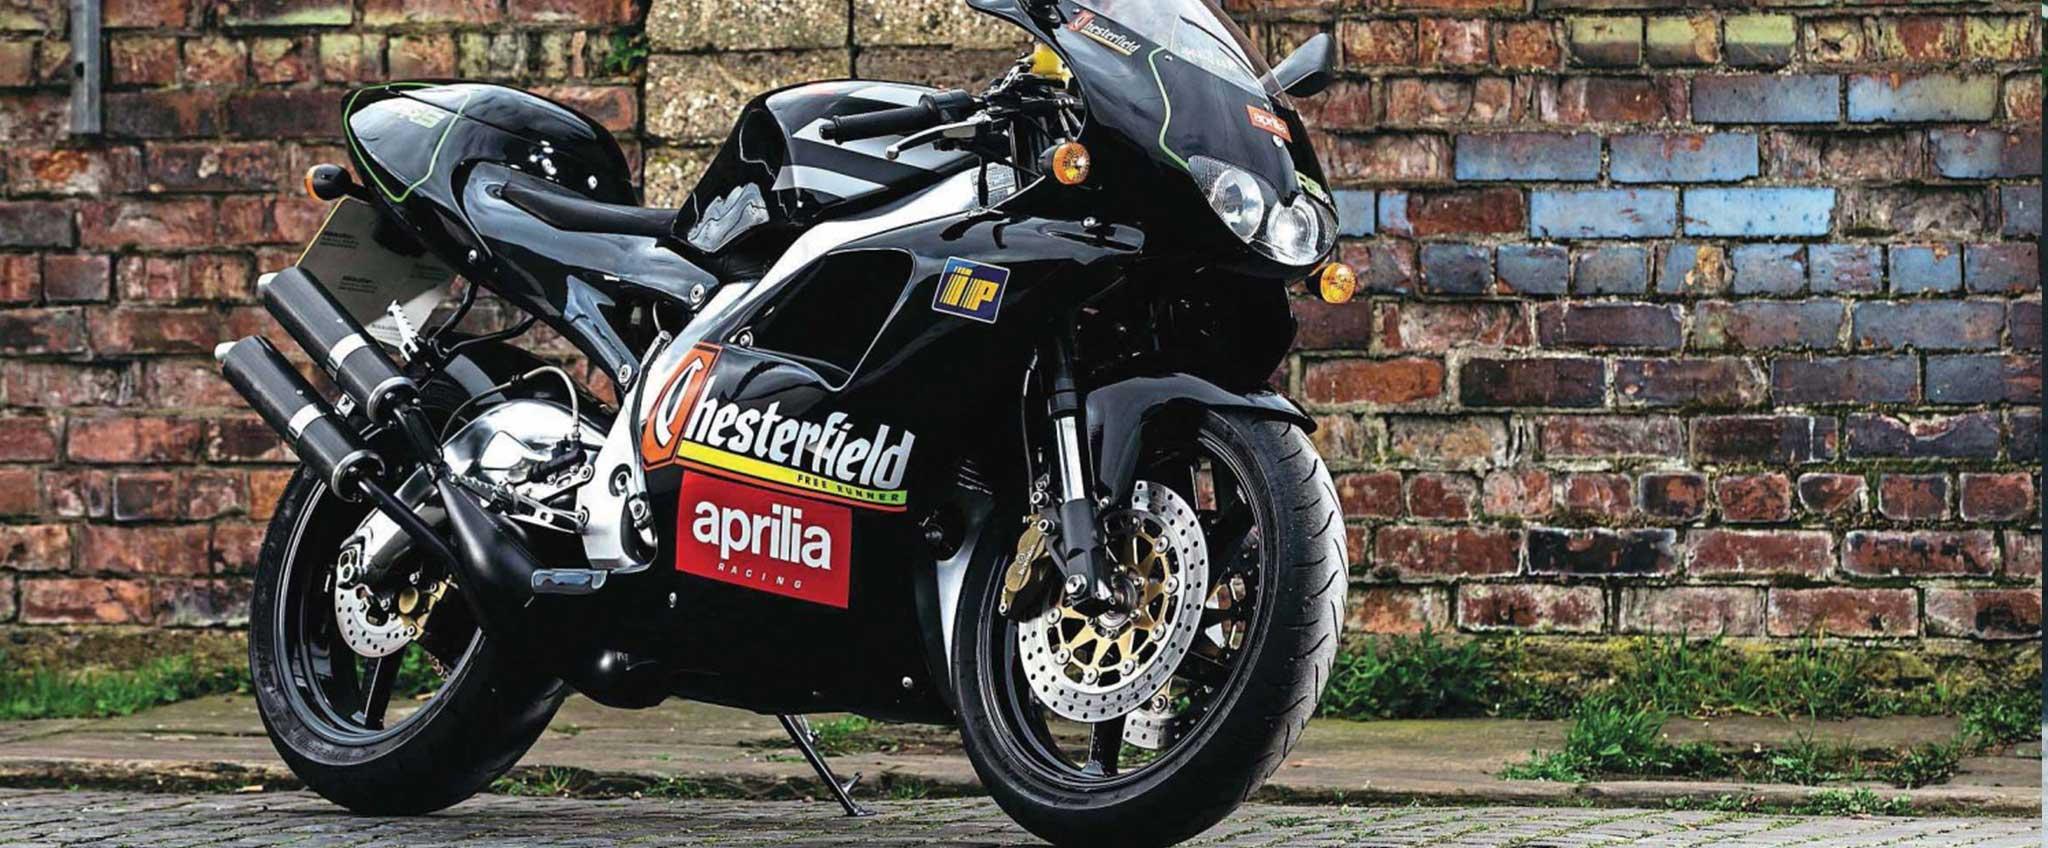 بهترین برند موتور سیکلت